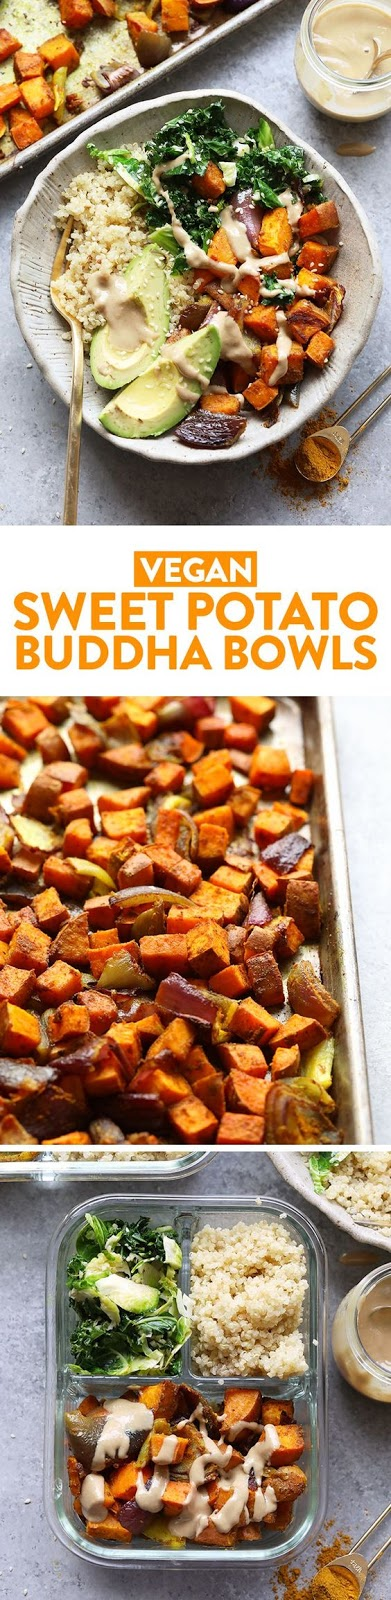 Sweet Potato Buddha Bowls